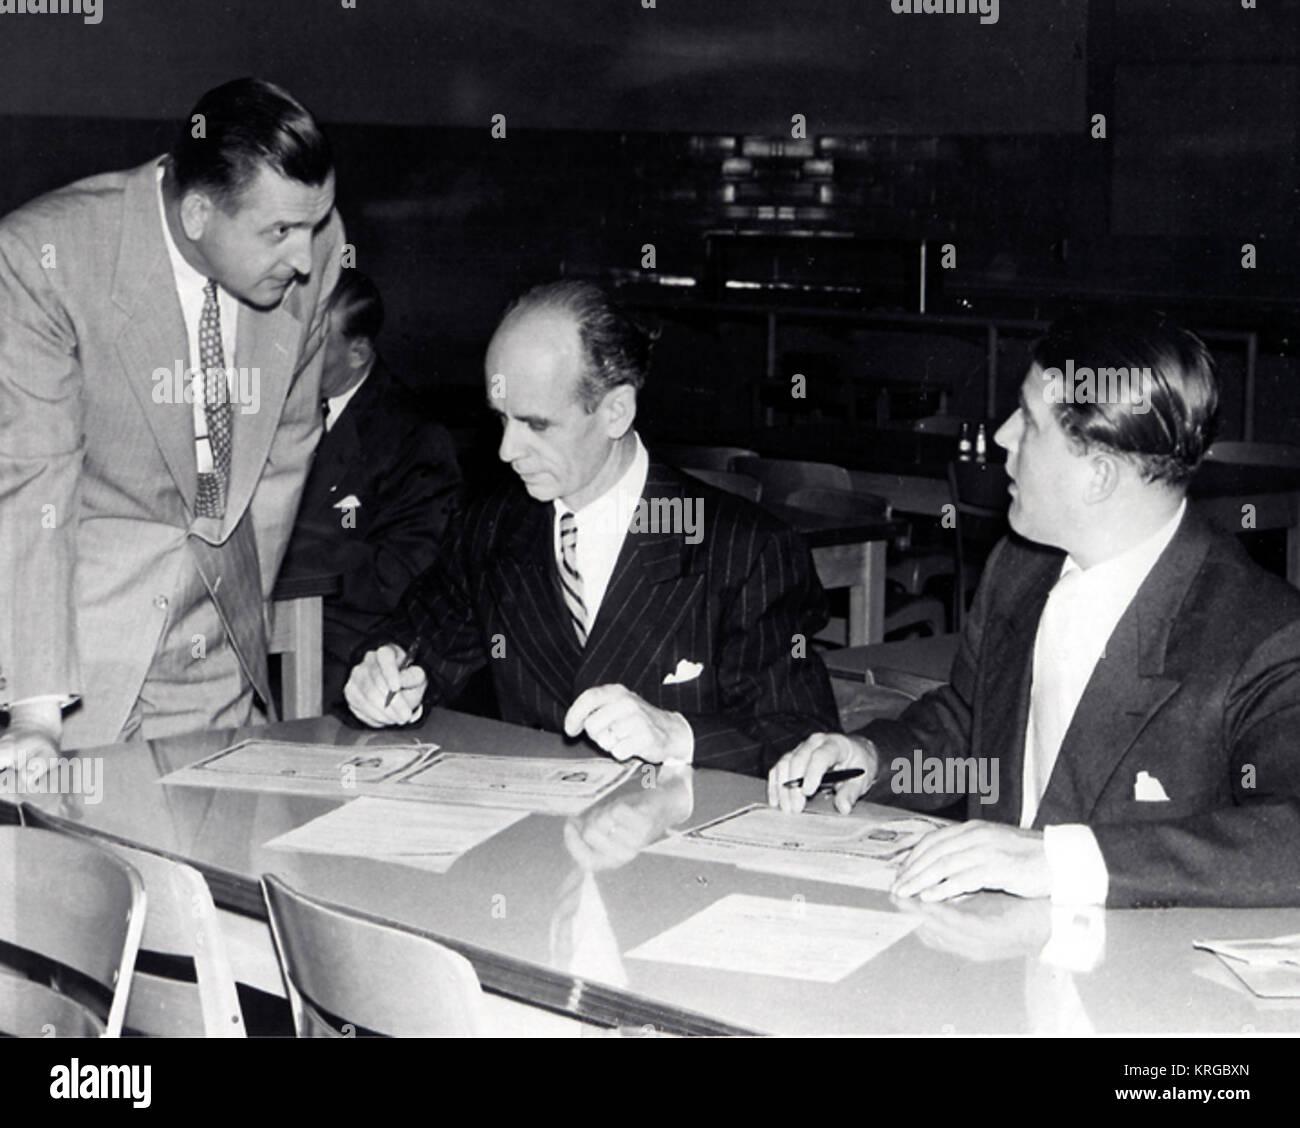 Signing of Citizenship Certificae, April 1955 (l to r) Martin Schiling, Ernst Stuhlinger, Dr. Wernher Von Braun (MIX FILE) VonBraunCitizenship Stock Photo